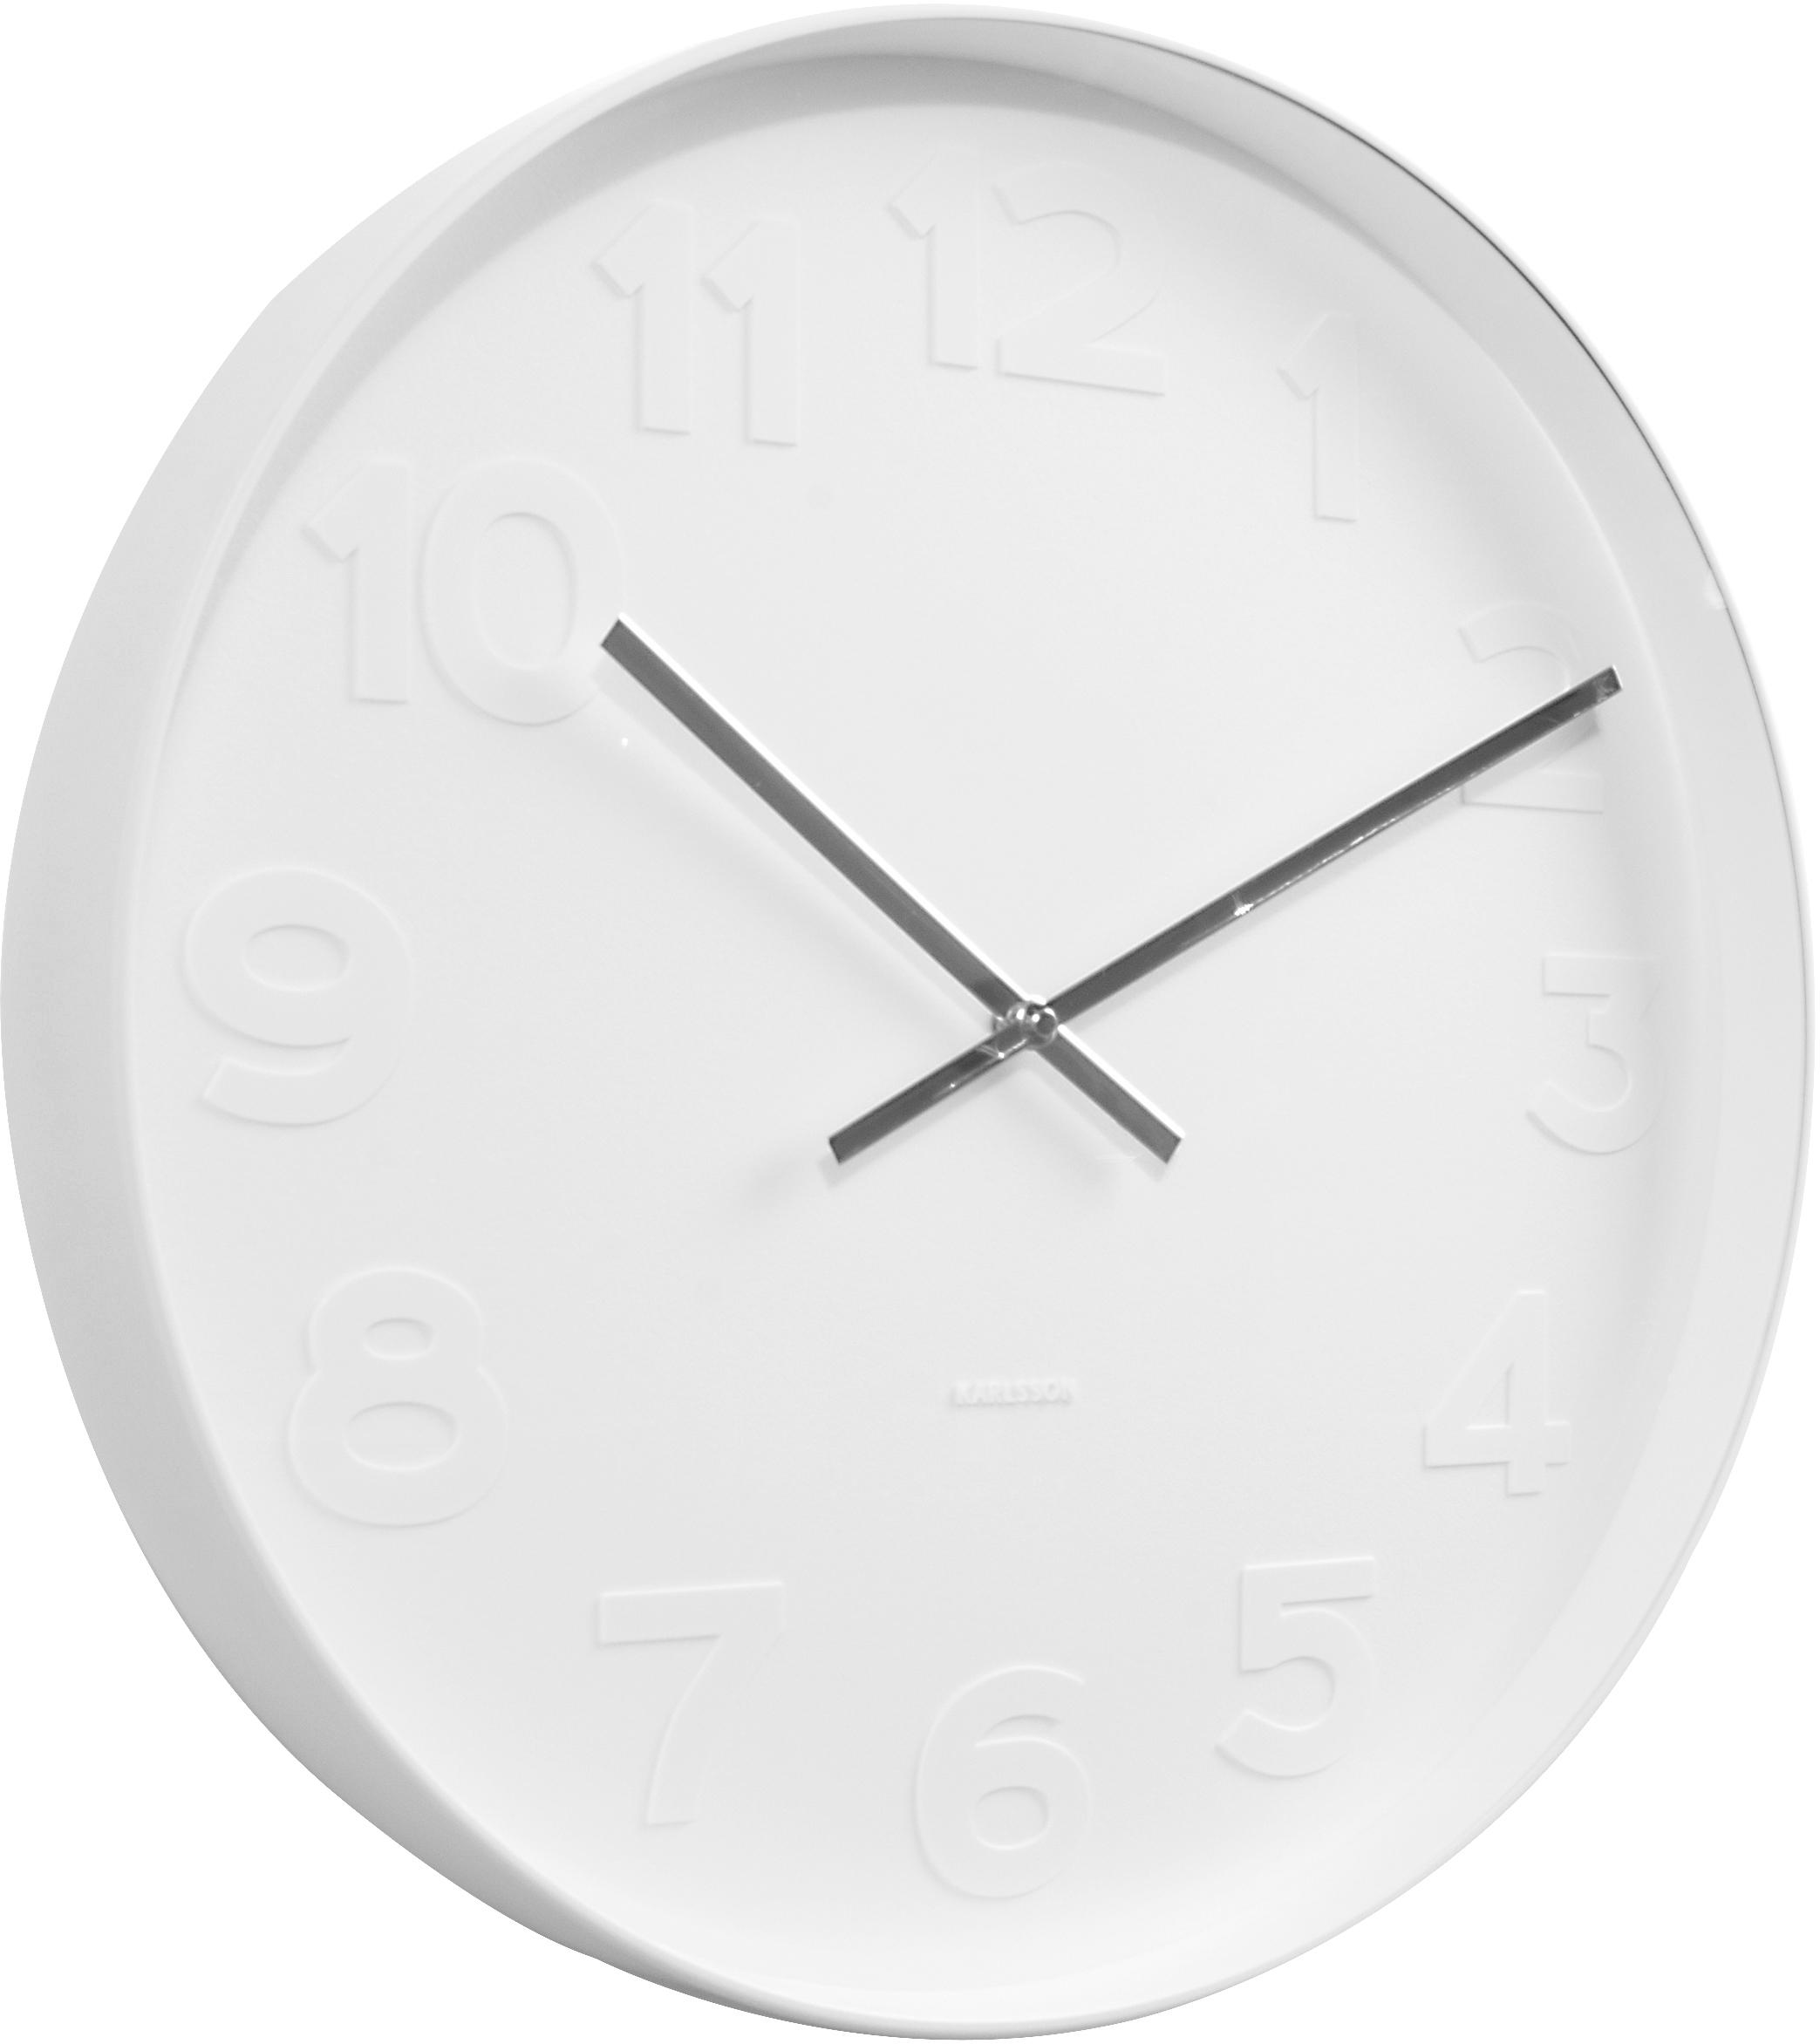 Wanduhr Mr. White, Ziffernblatt, Rahmen: Weiß<br>Zeiger: Silberfarben, Ø 38 cm